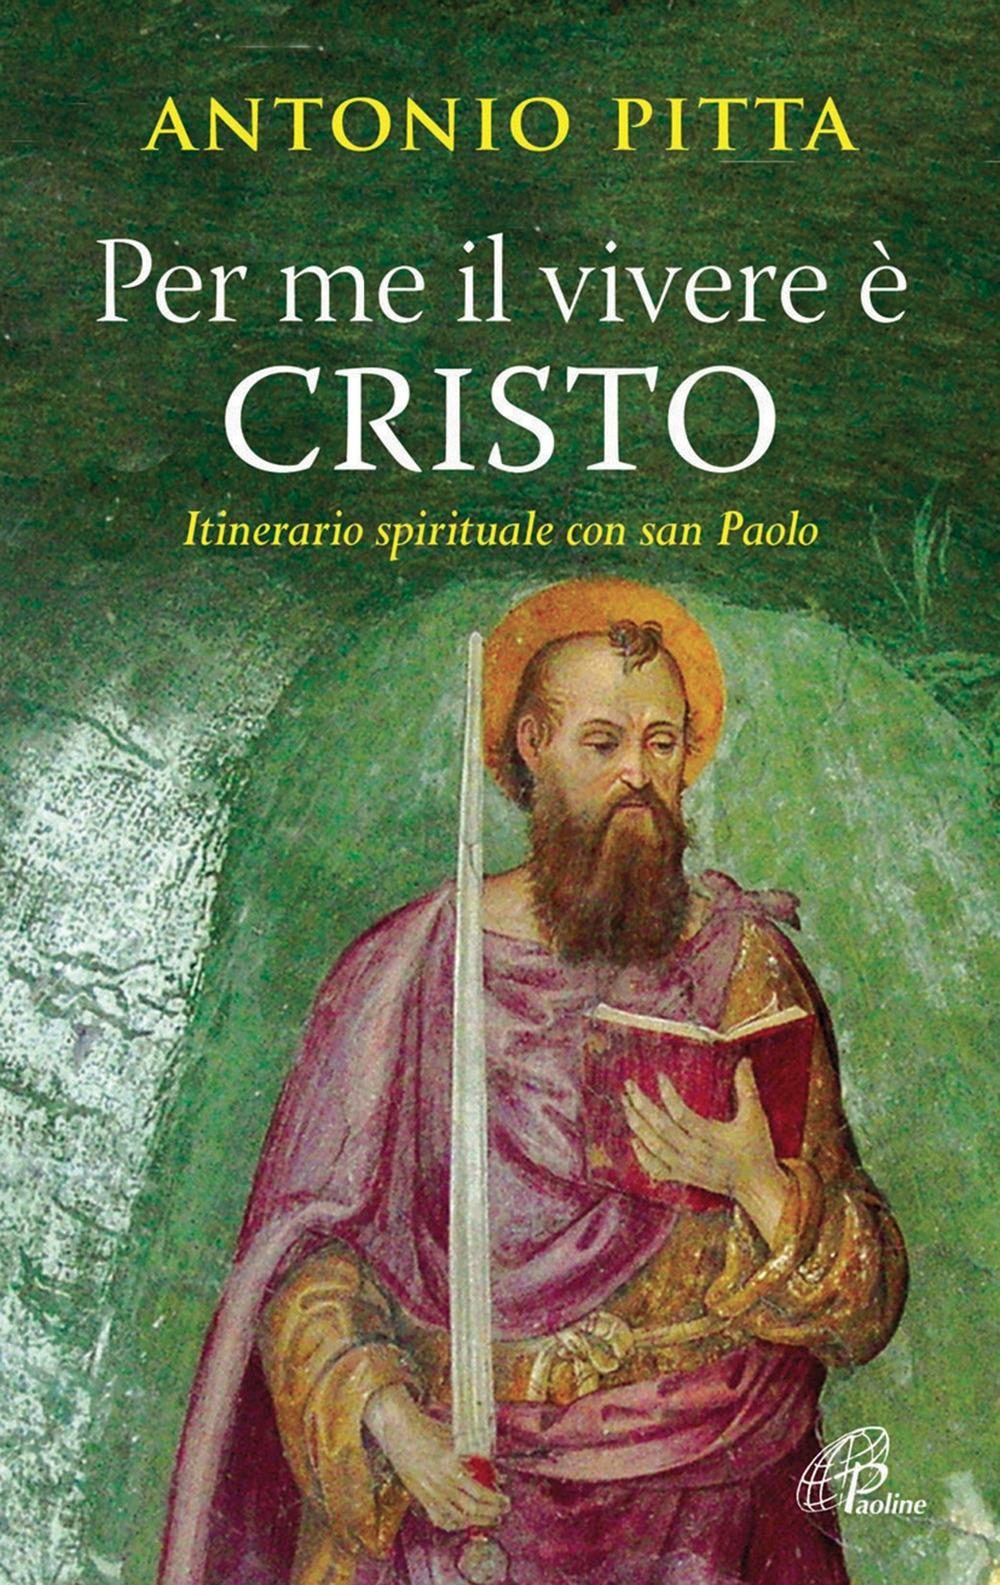 Per me il vivere è Cristo. Itinerario spirituale con San Paolo